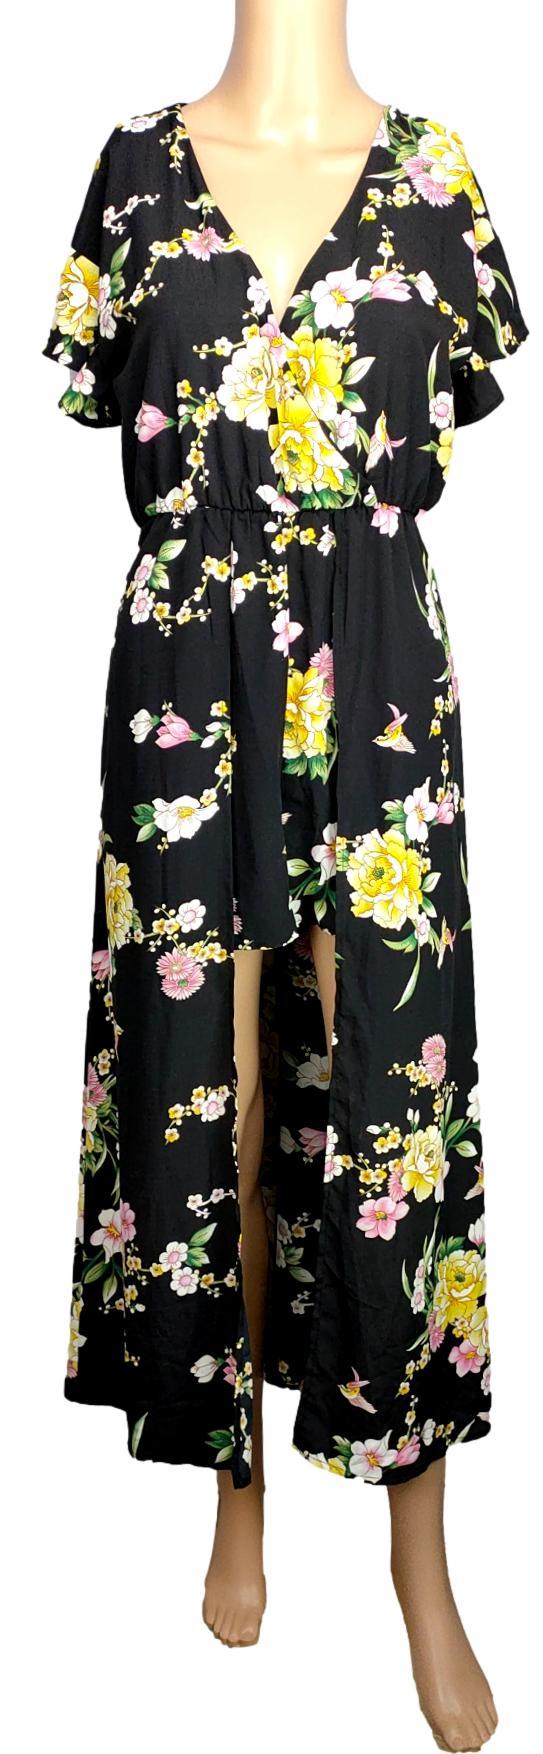 Combinaison short effet robe longue Belcci - Taille S